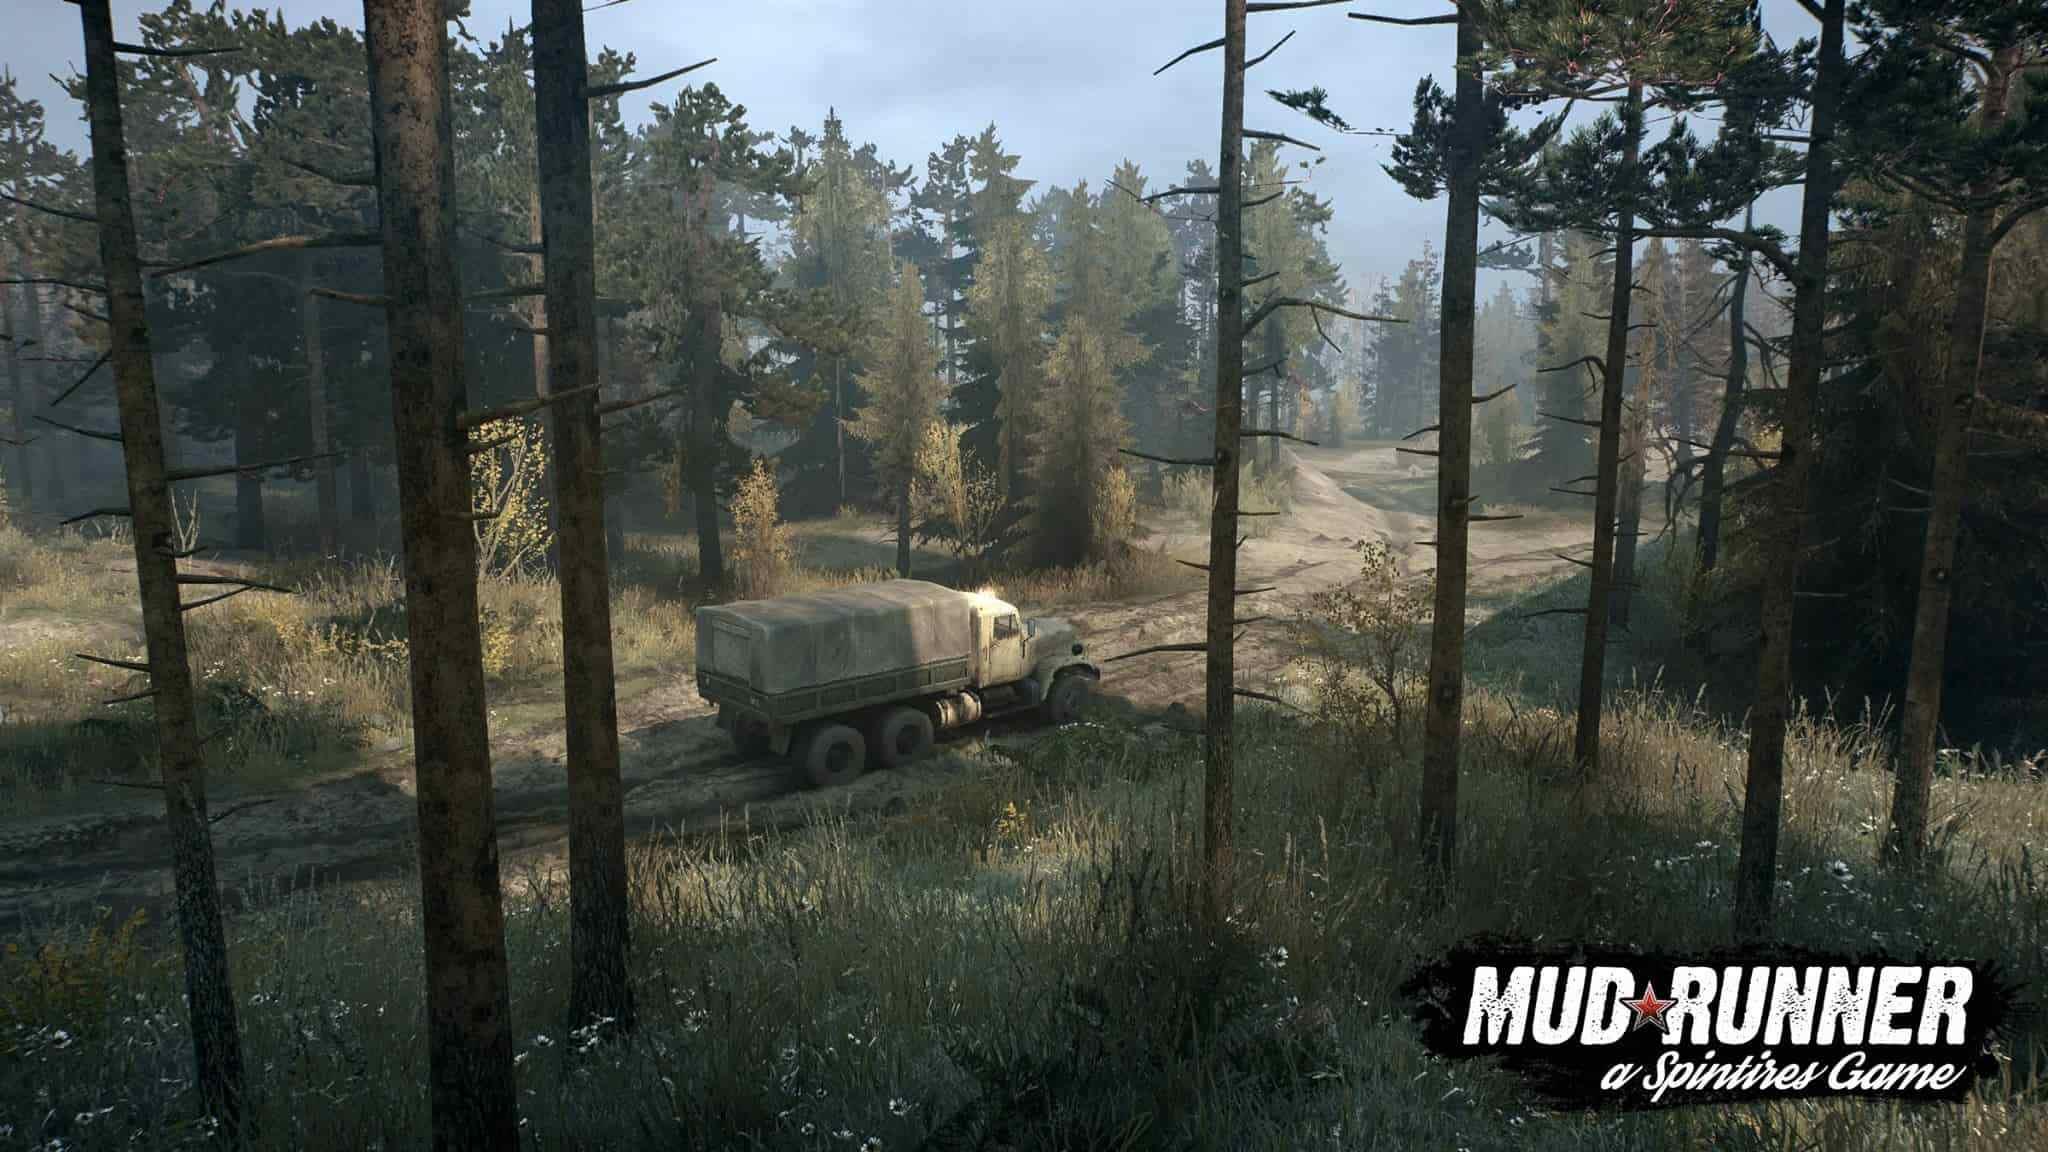 سی دی کی اریجینال استیم بازی MudRunner